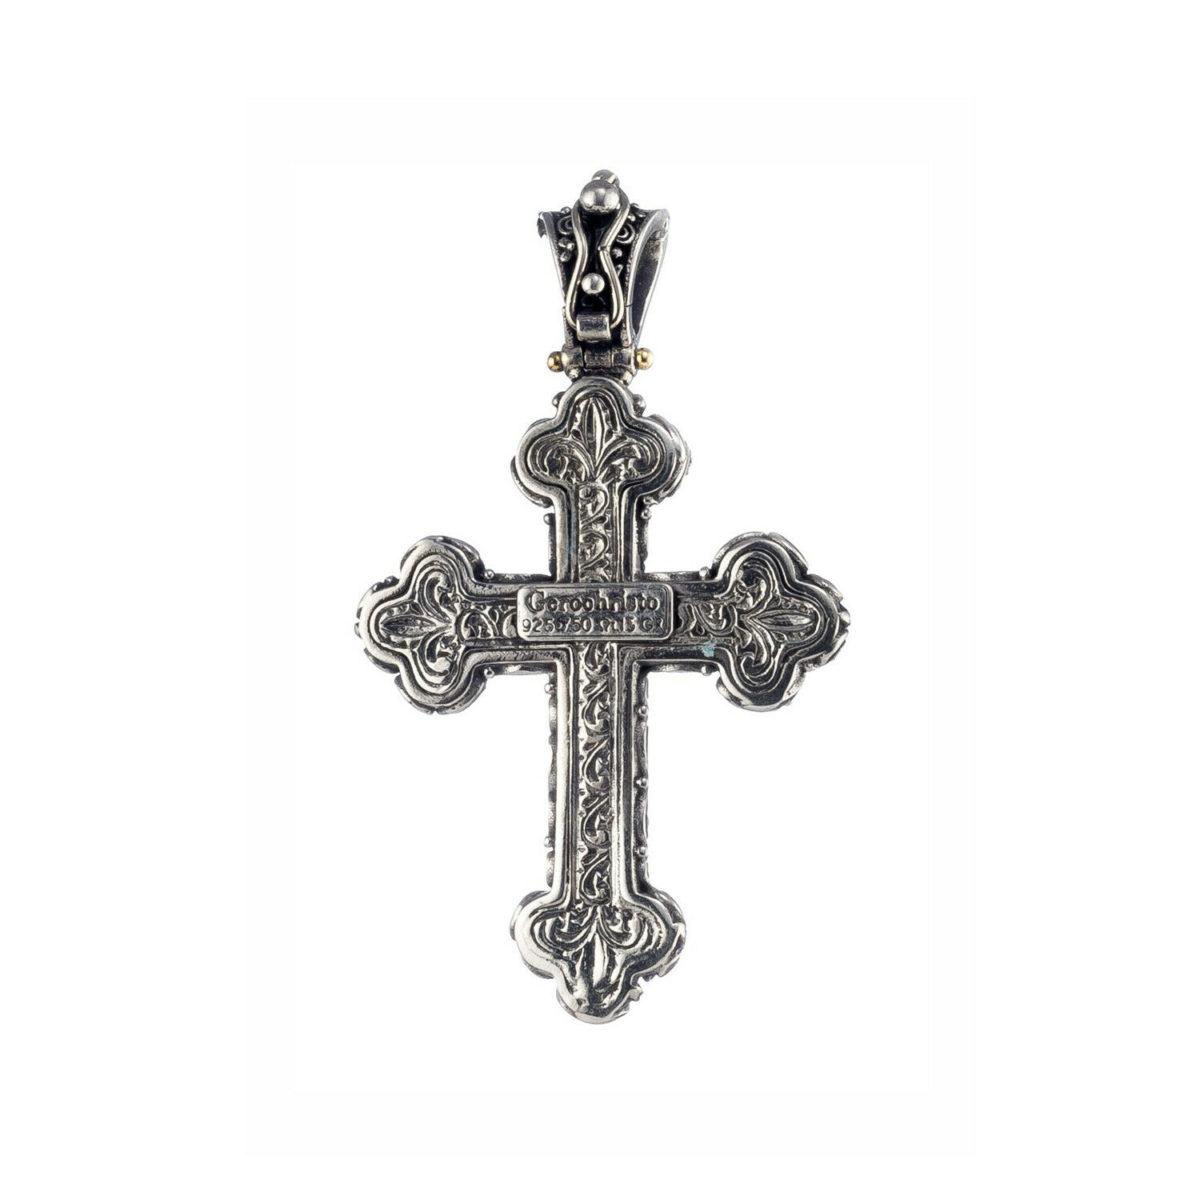 Χειροποίητος Βυζαντινός σταυρός Gerochristos με ένα στρόγγυλης κοπής ρουμπίνι στο κέντρο